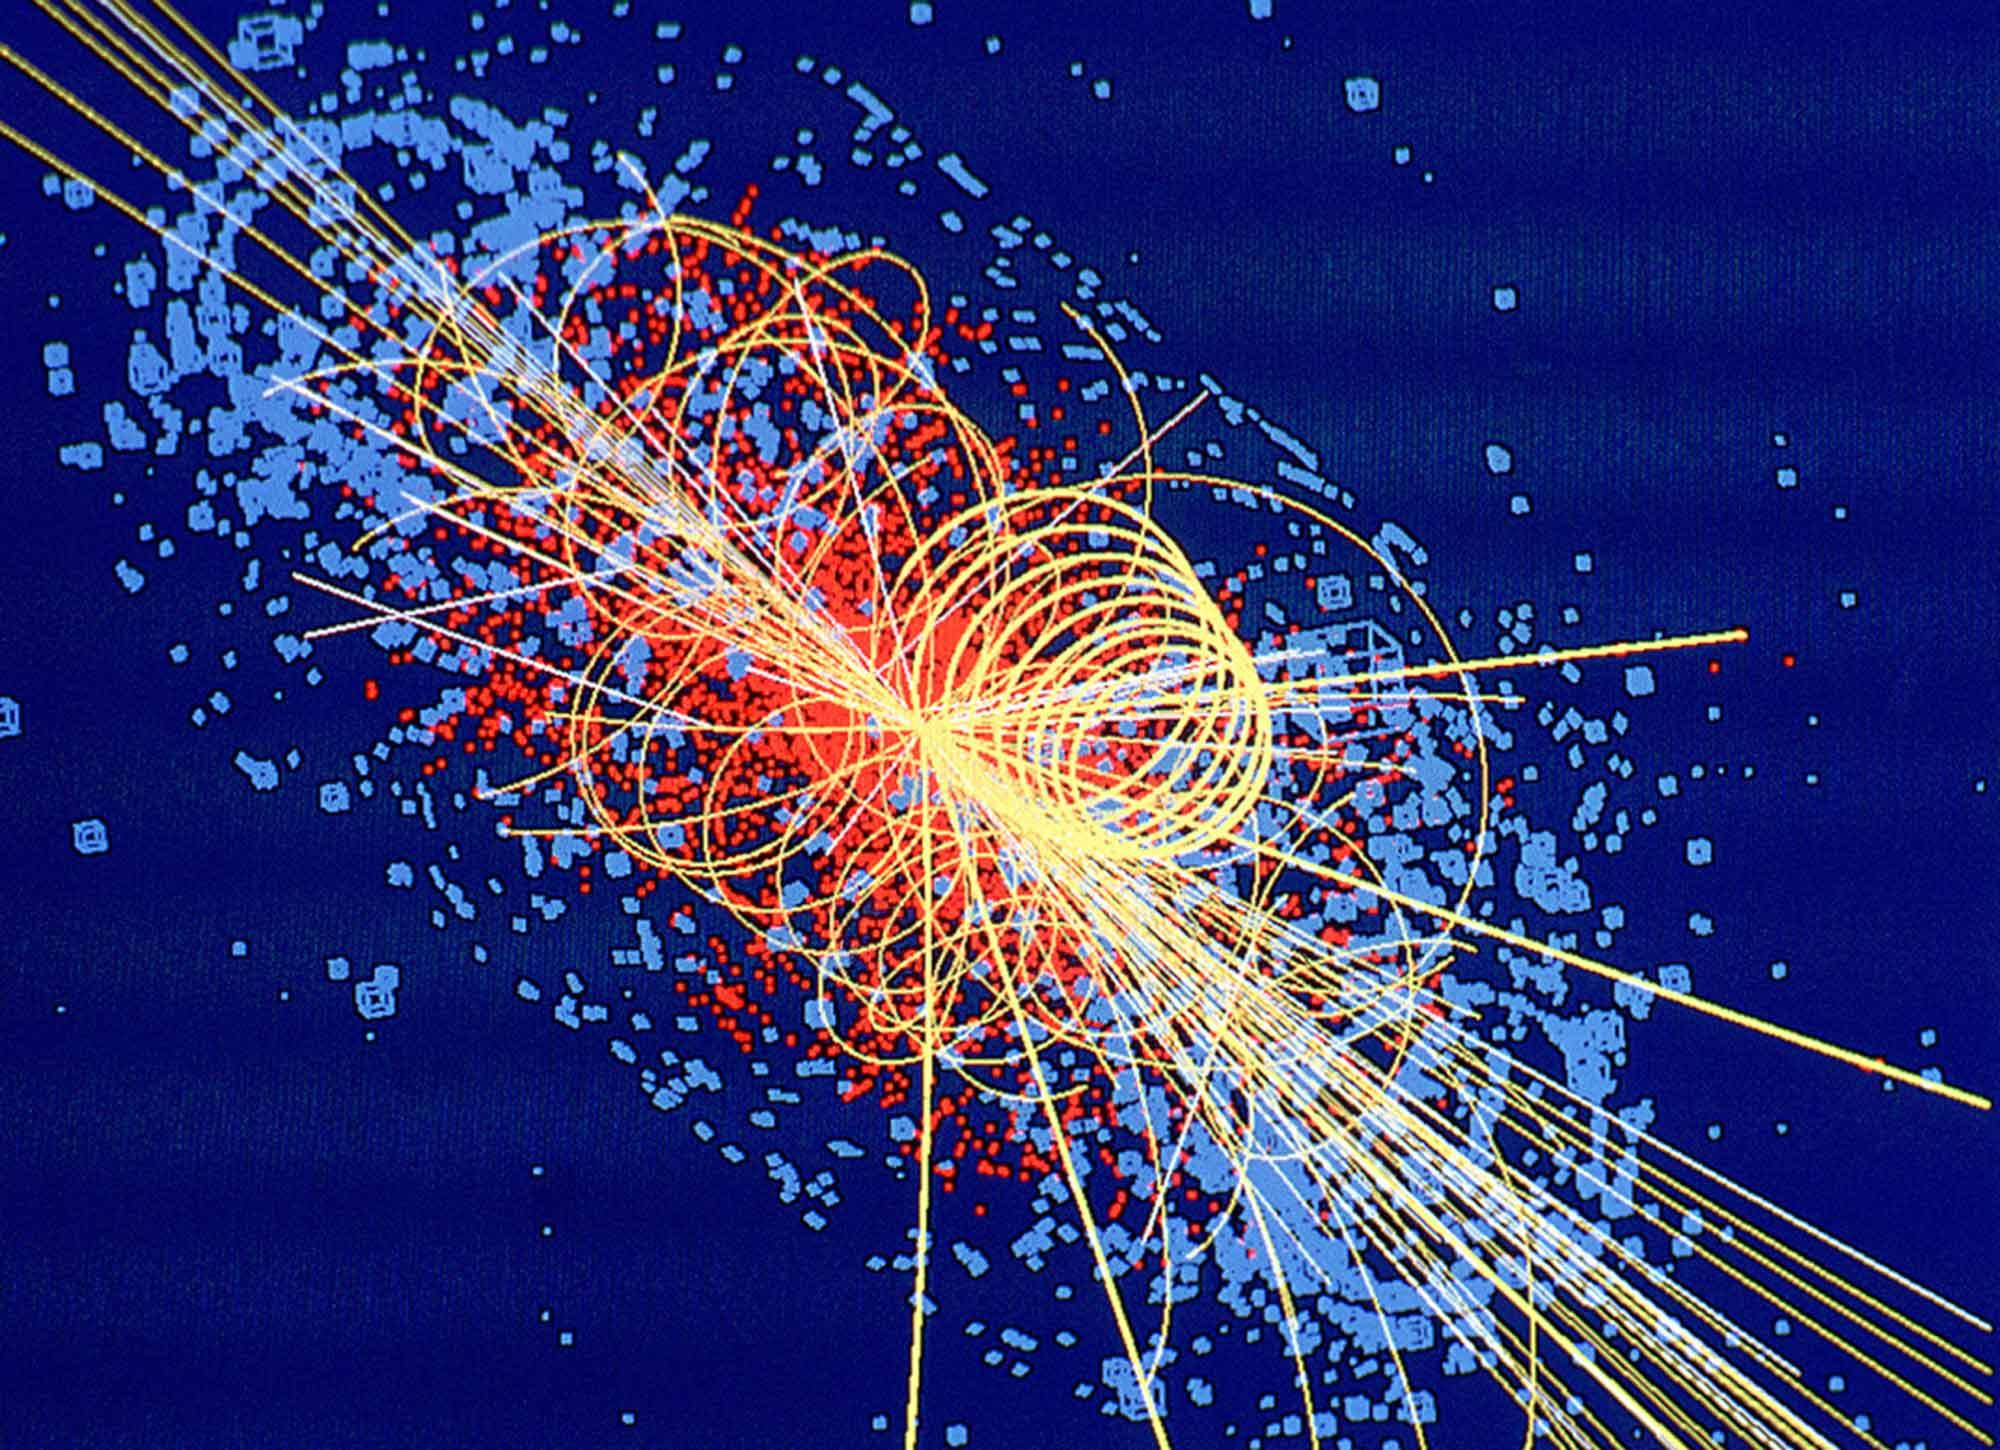 Unsichtbares sichtbar und Unmögliches möglich machen: Die Forschung am CERN